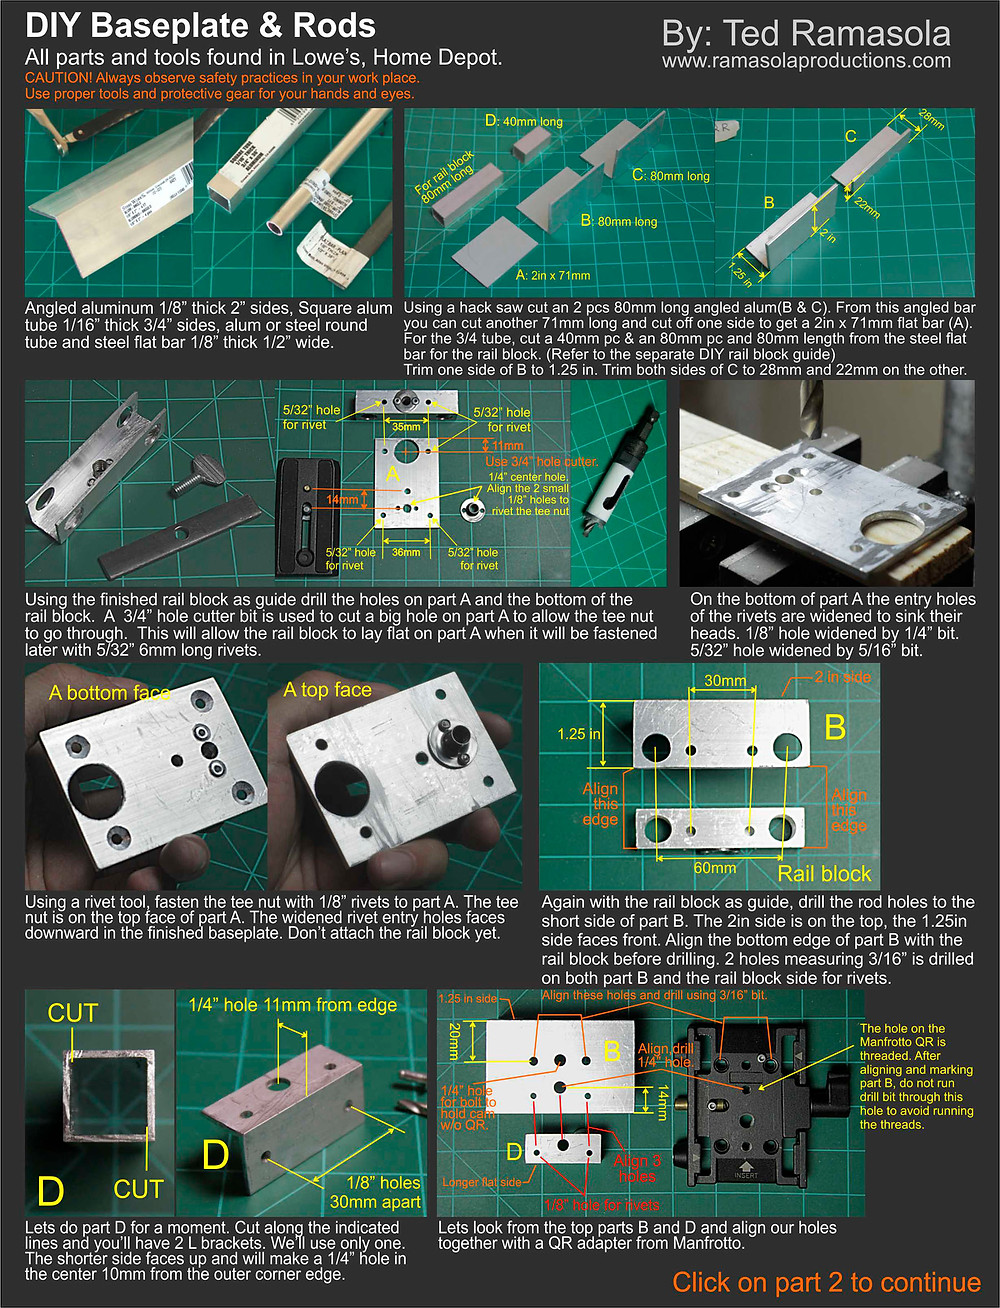 DIY Bsseplate part1.jpg